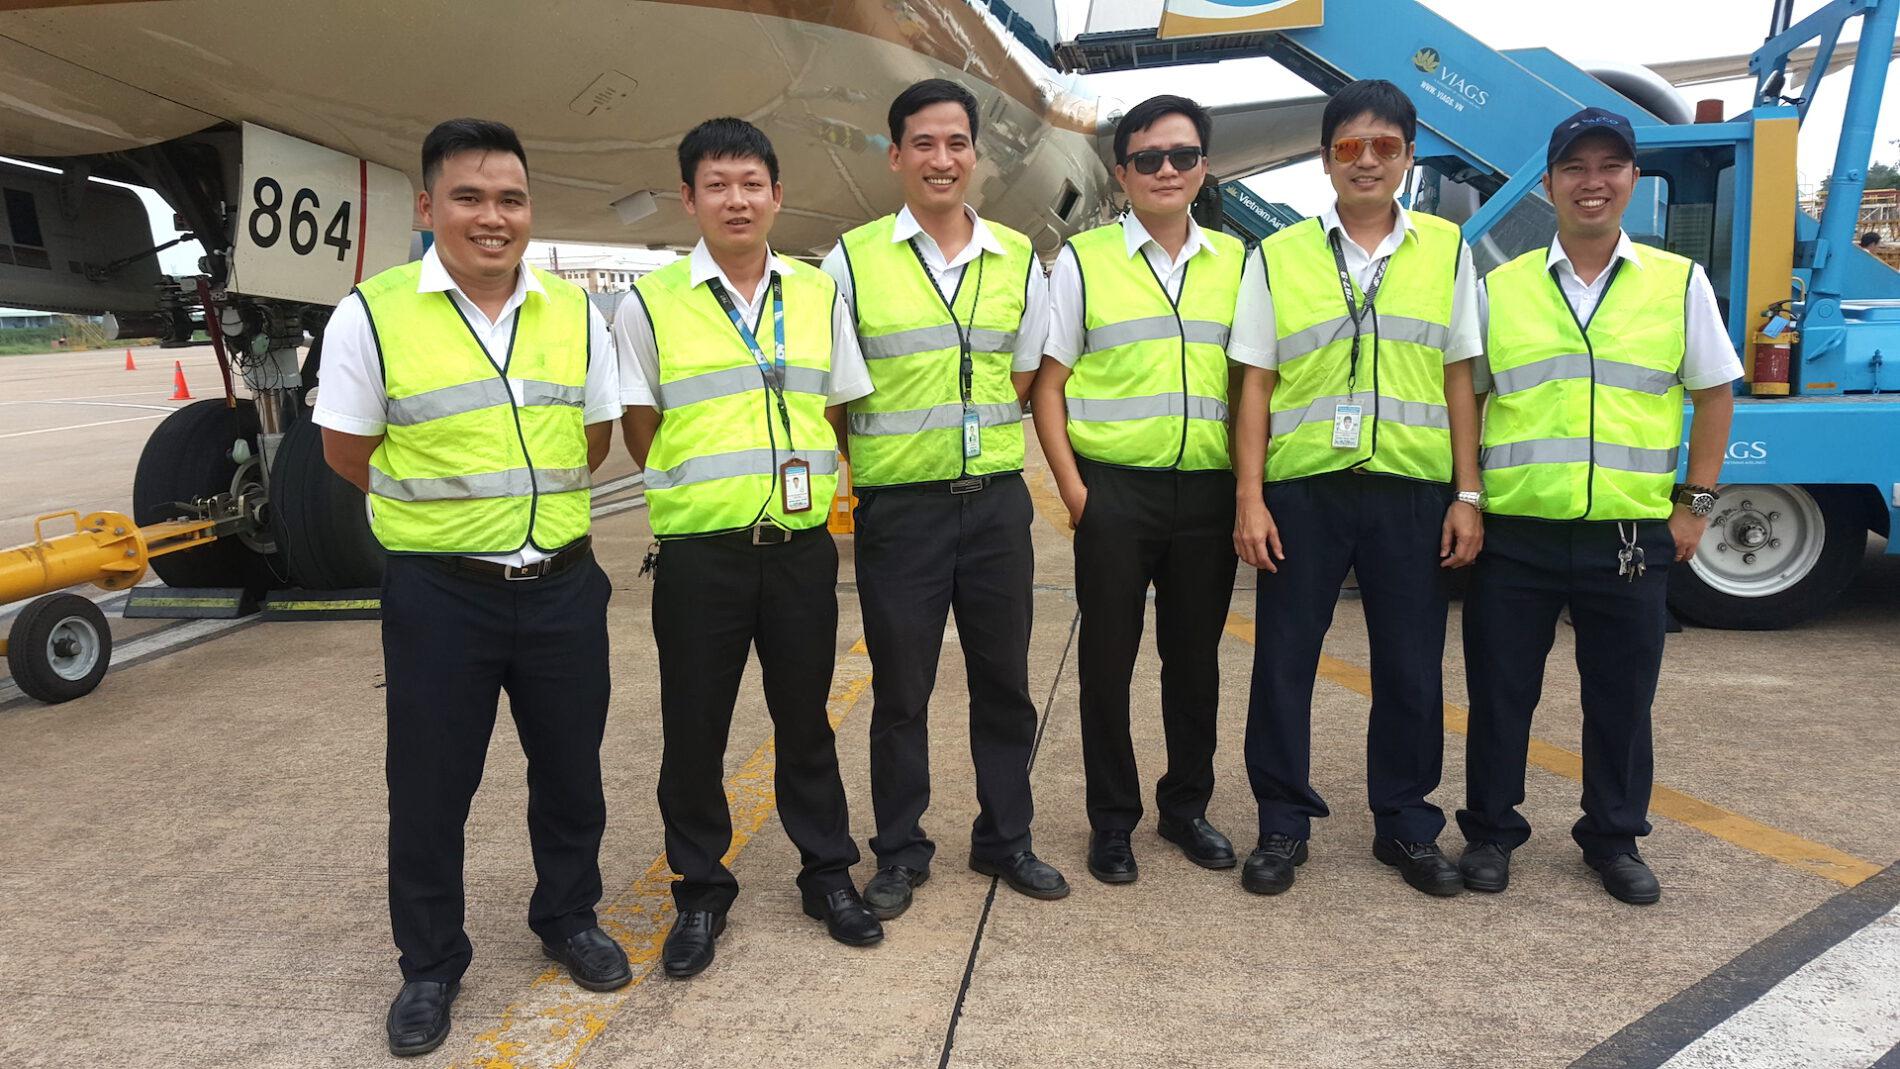 Anh Phạm Trung Toàn (thứ hai từ phải sang)bắt đầu công việc giáo viên kiêm nhiệm từ năm 2004 đến nay.(Ảnh: NVCC).